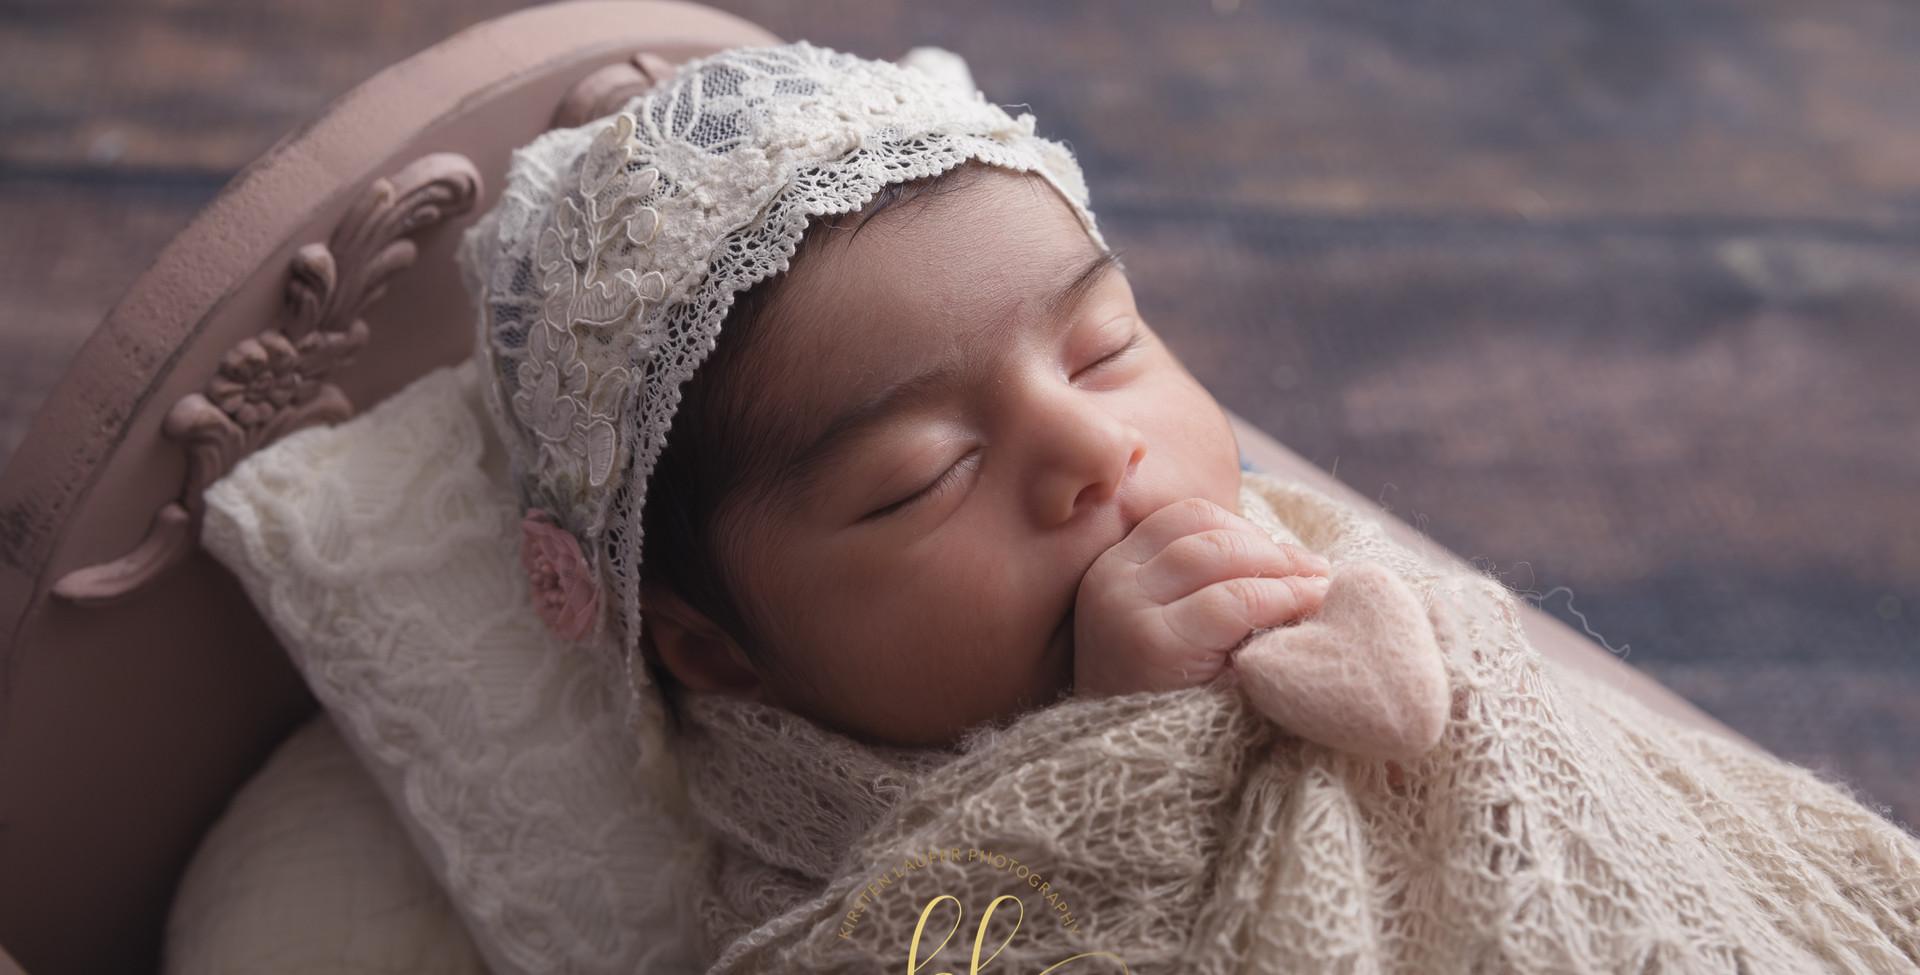 101018SydneySandhu-Newborn-67.jpg